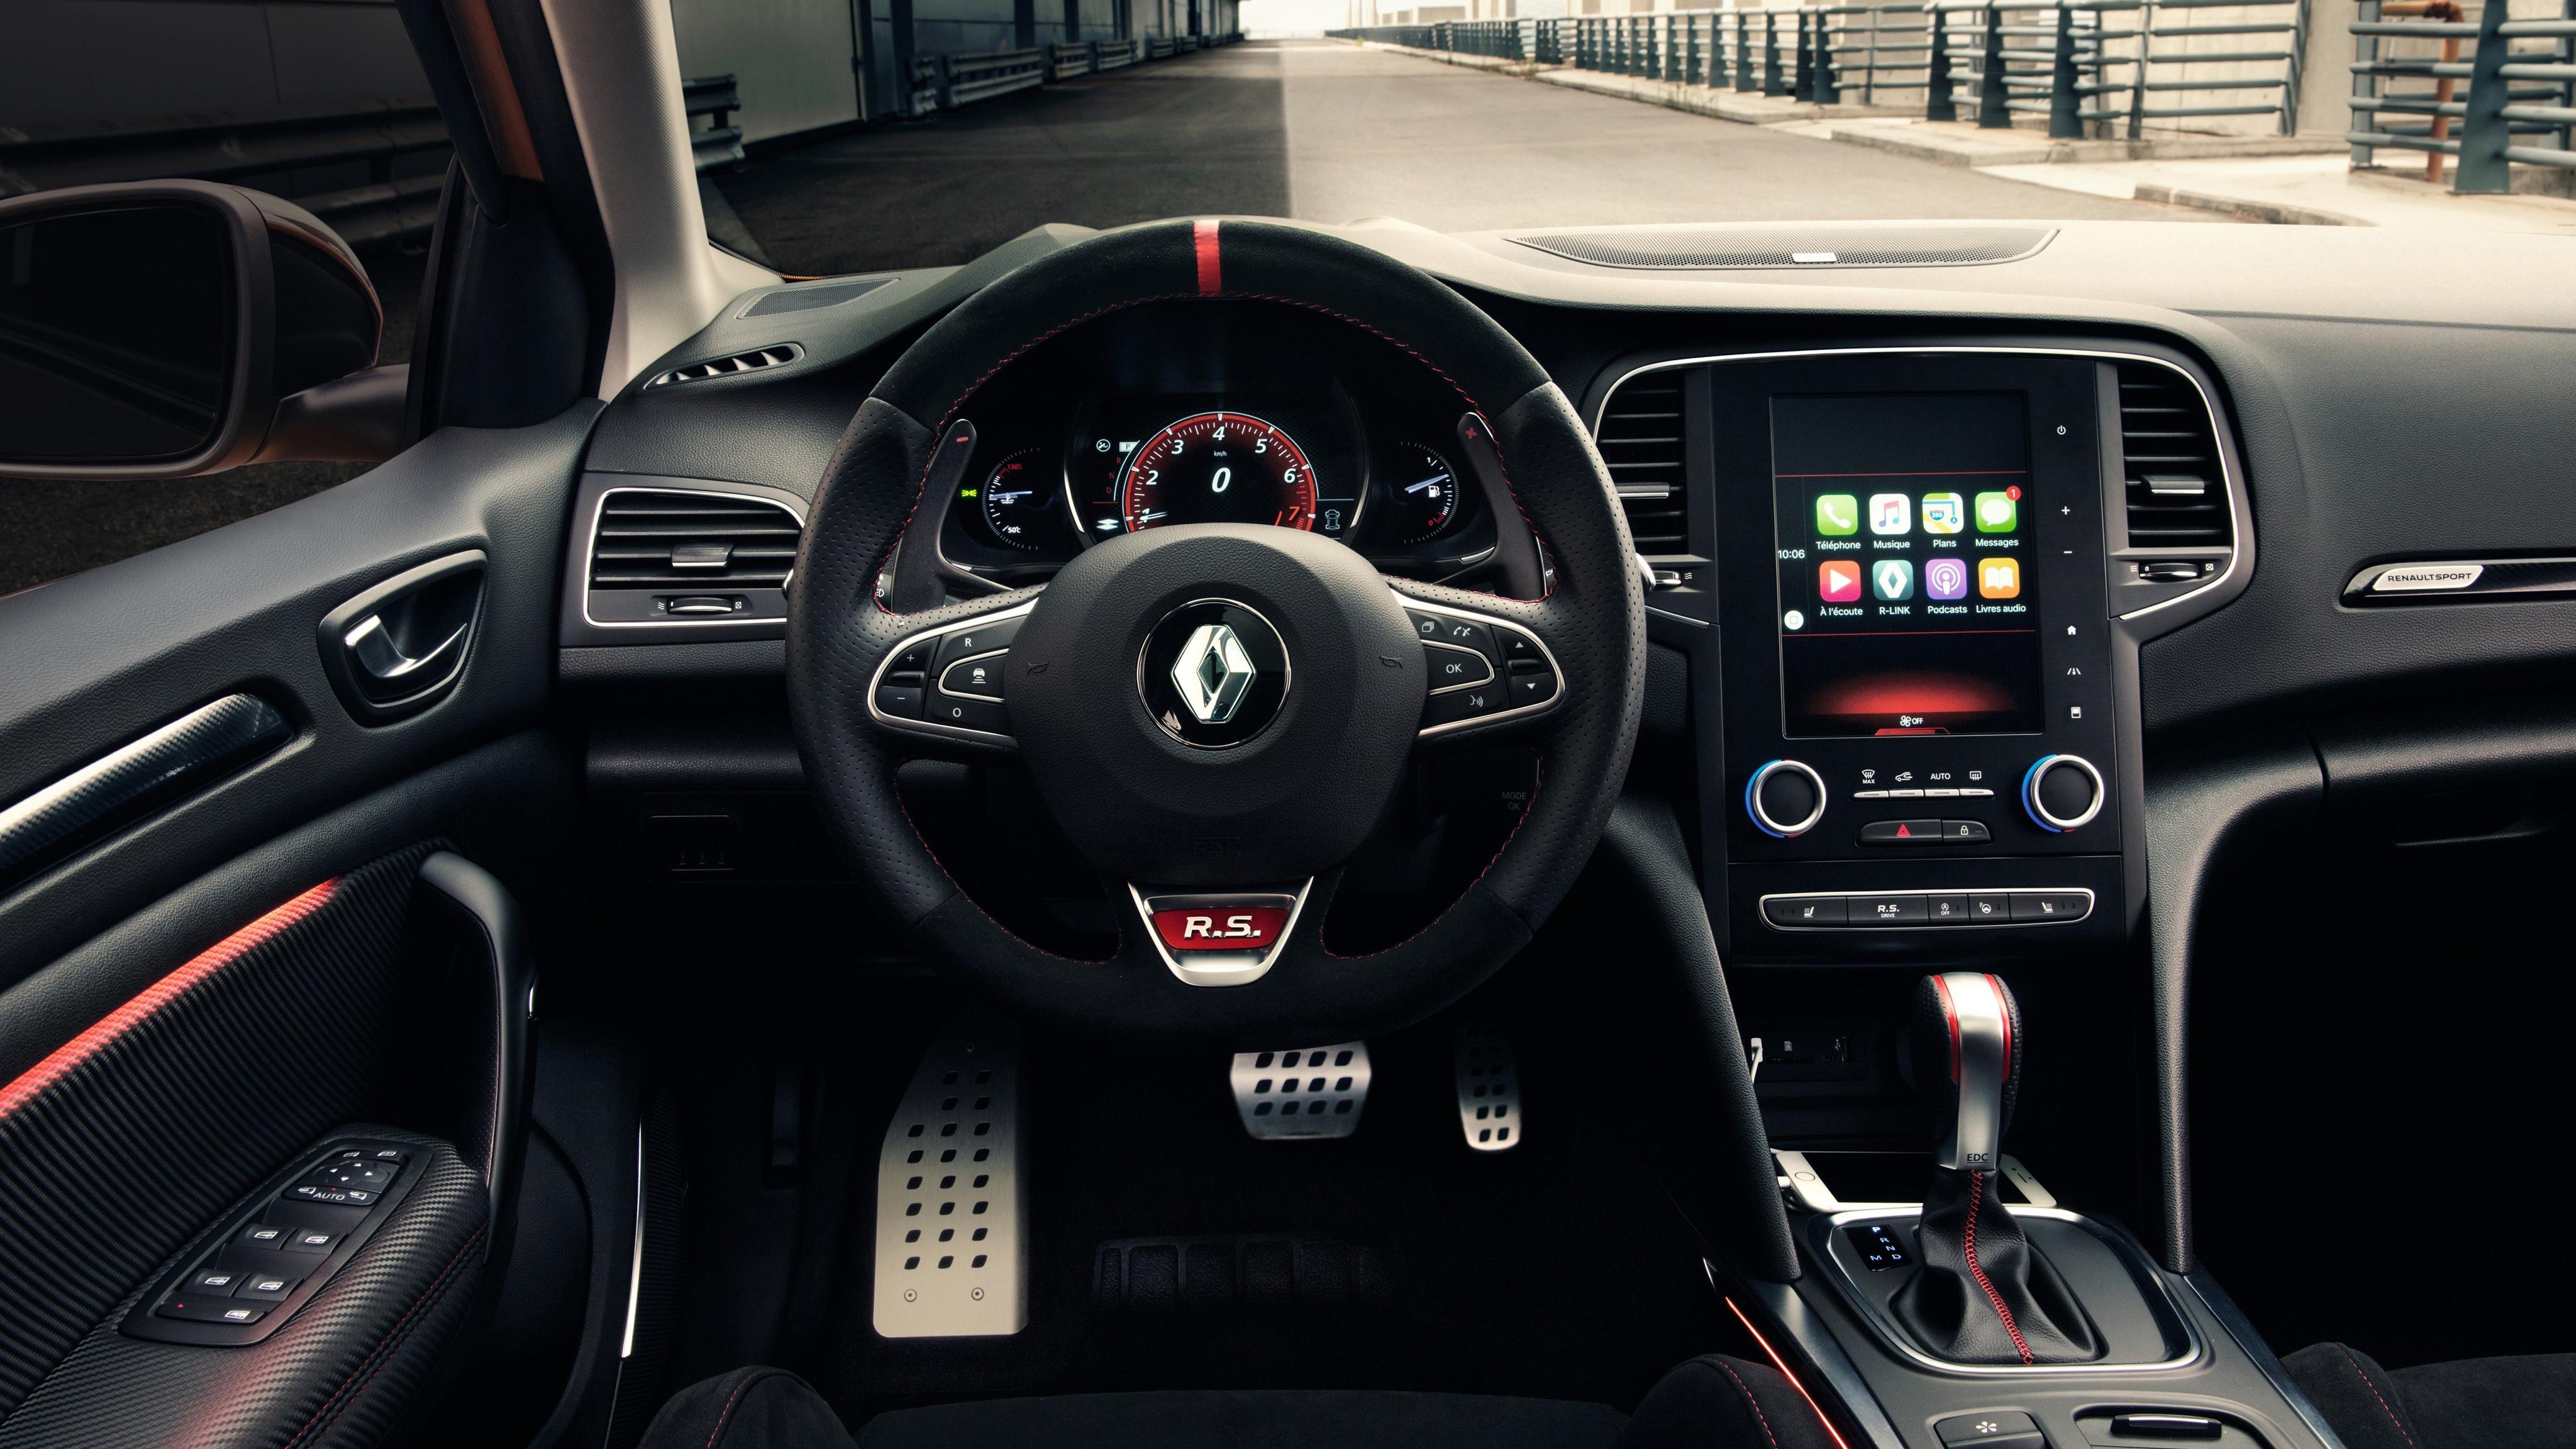 2018 Renault Megane Rs 4k Interior Wallpaper Hd Car Wallpapers Id 8489